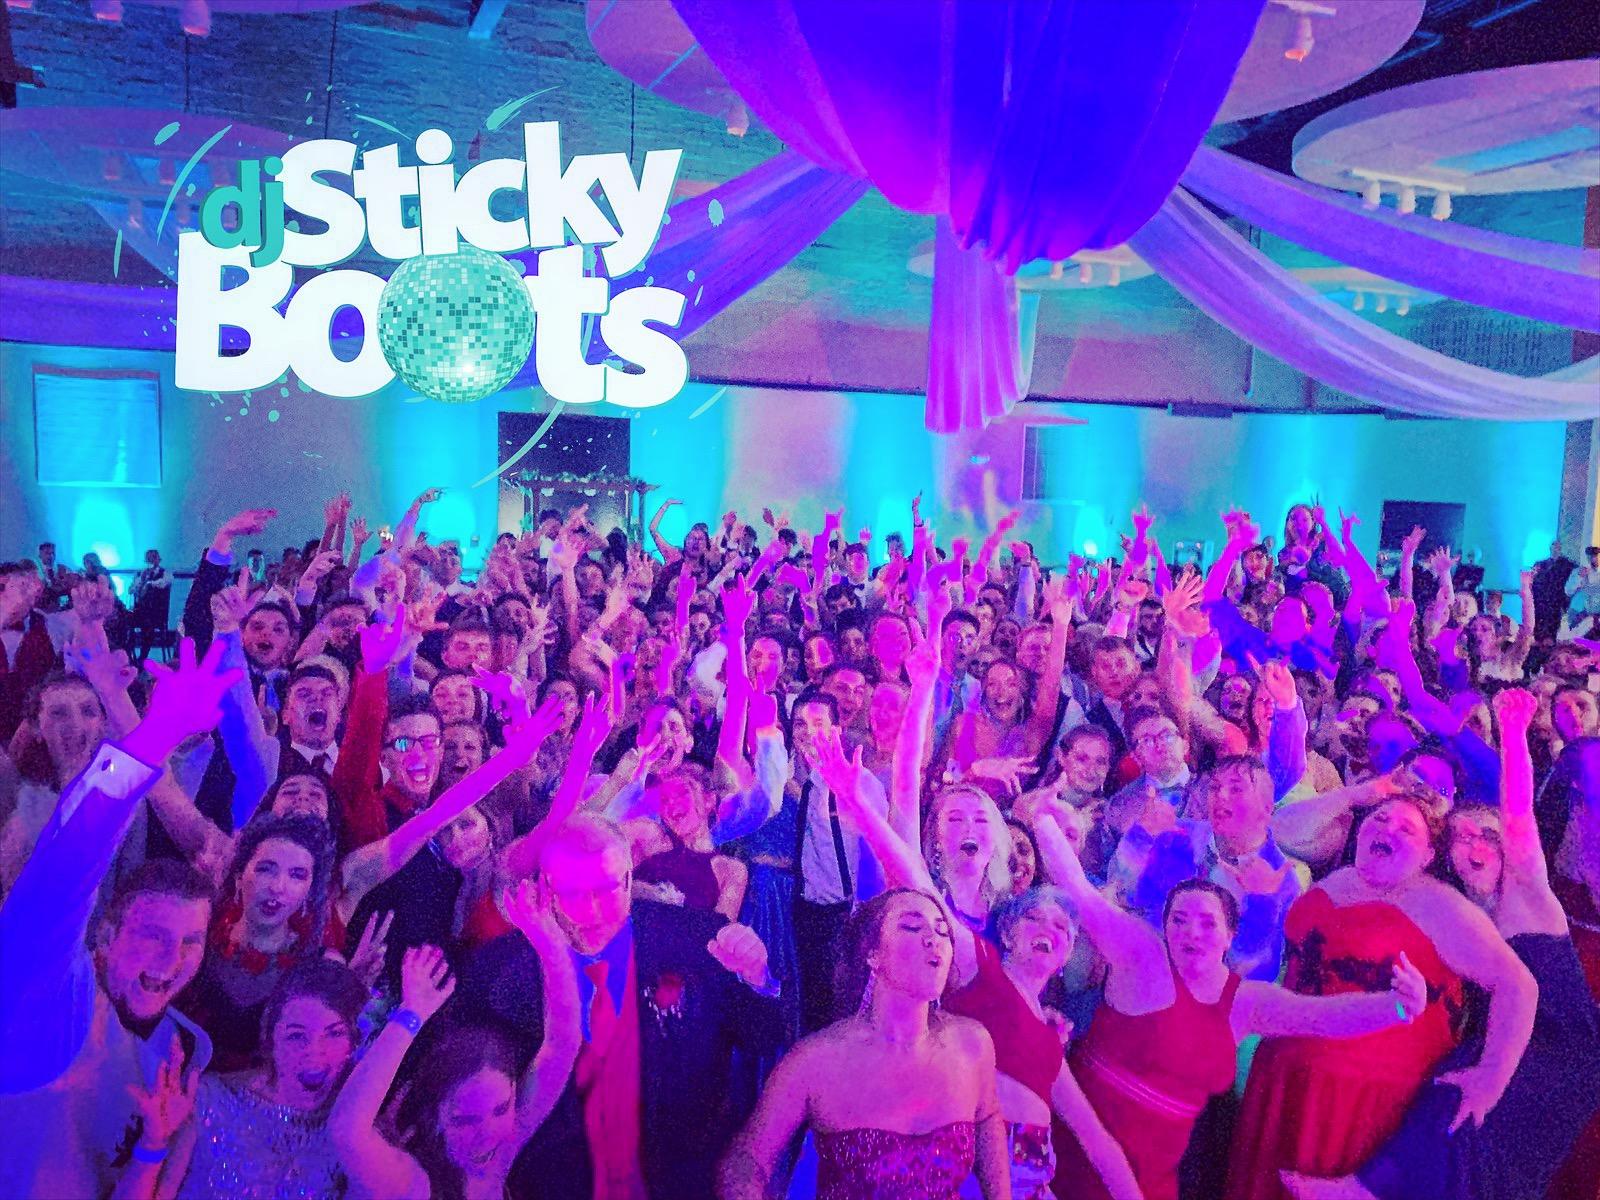 Mishawaka Prom DJ  Photo credit: DJ Sticky Boots